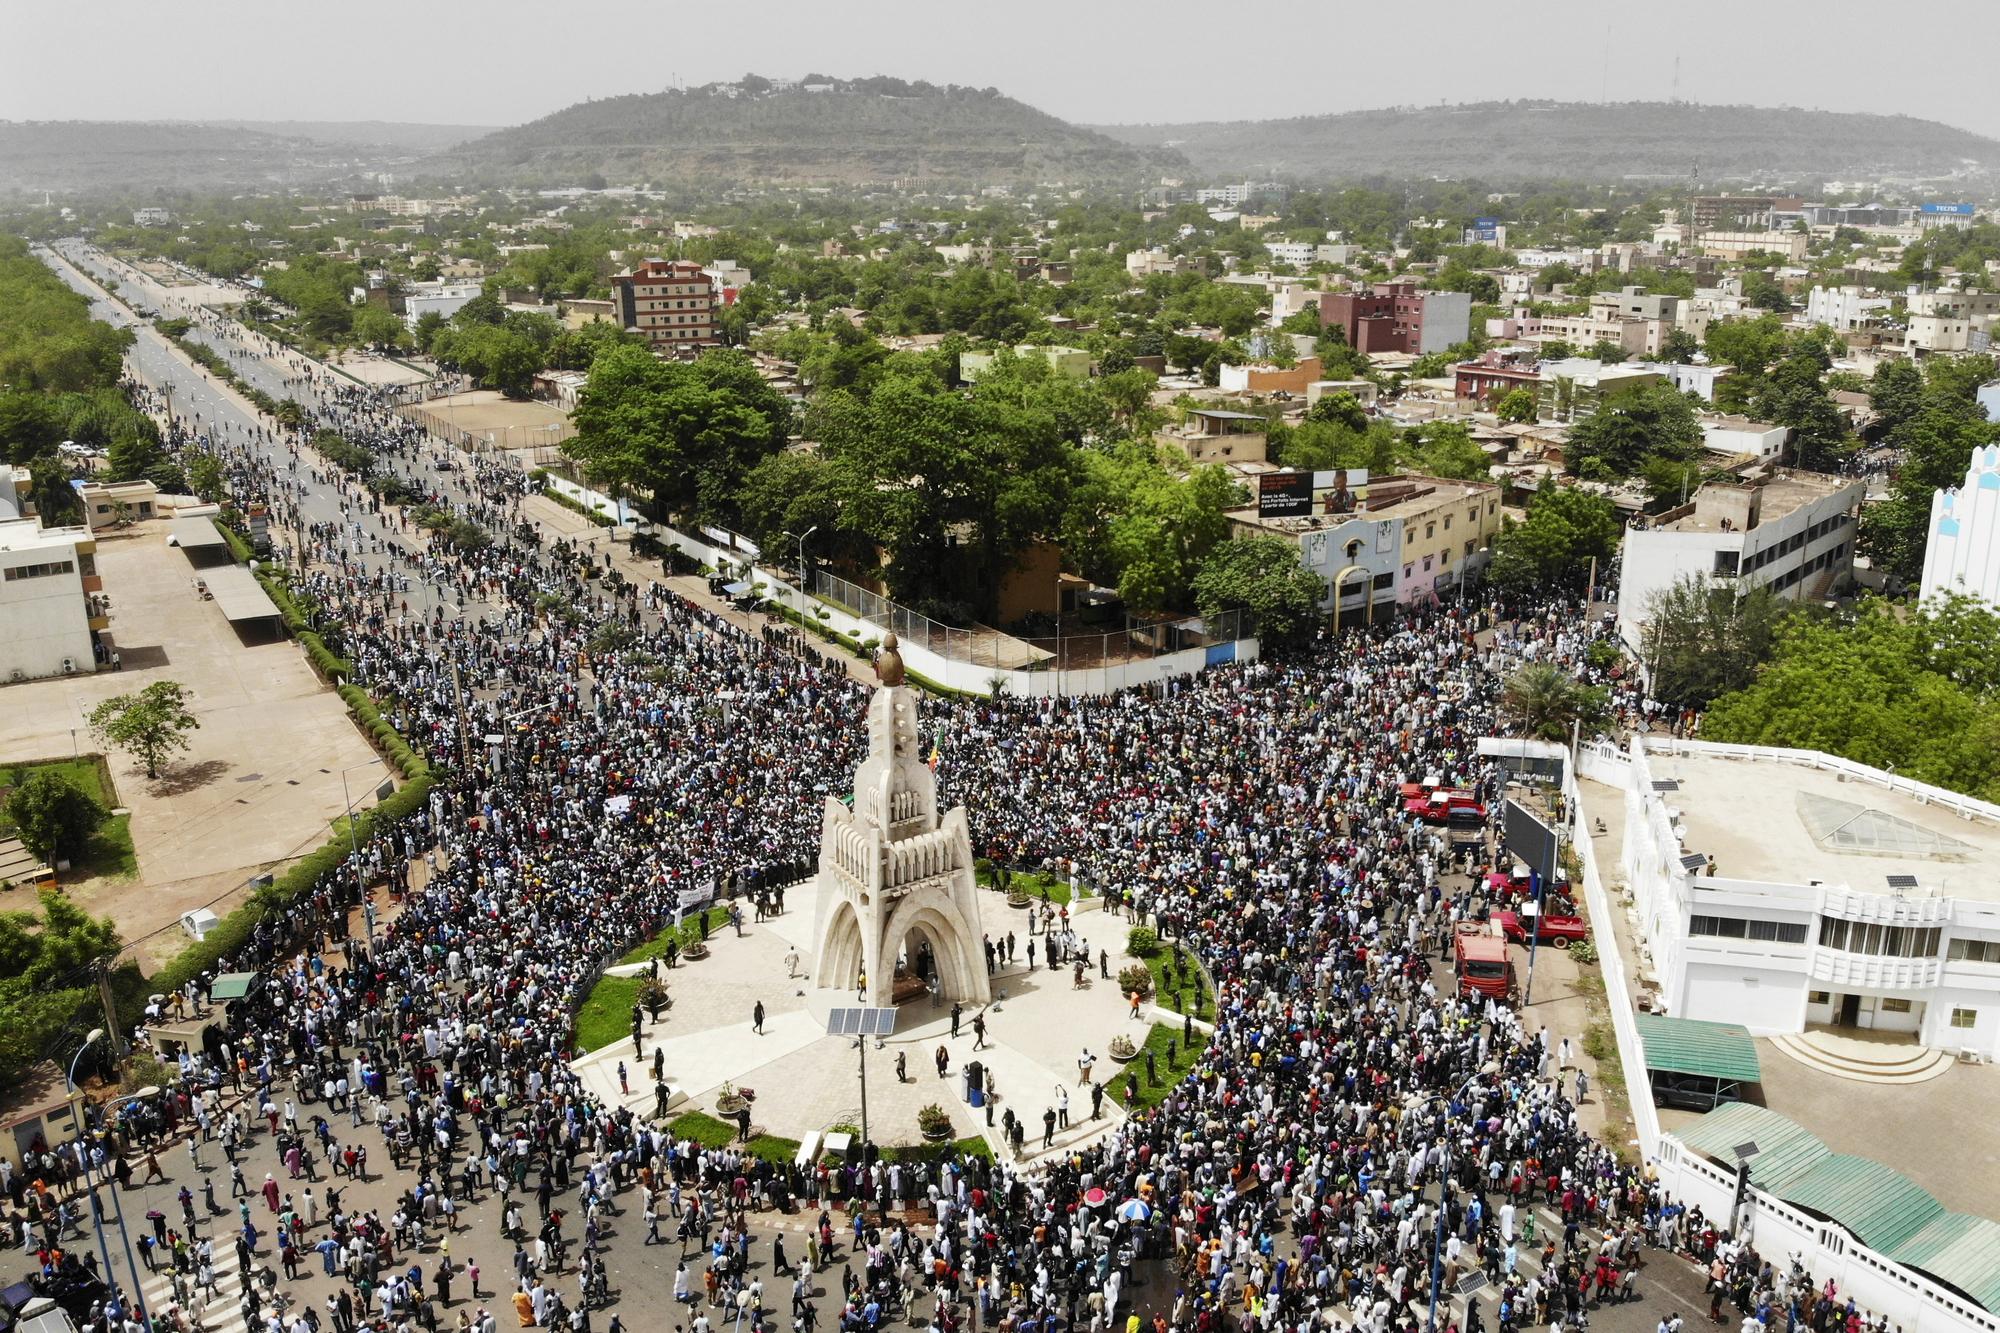 Le 5avril, à Bamako. Manifestation à l'appel du Haut Conseil islamique du Mali (HCIM) pour dénoncer le massacre d'Ogossagou et protester contre la politique du gouvernement.